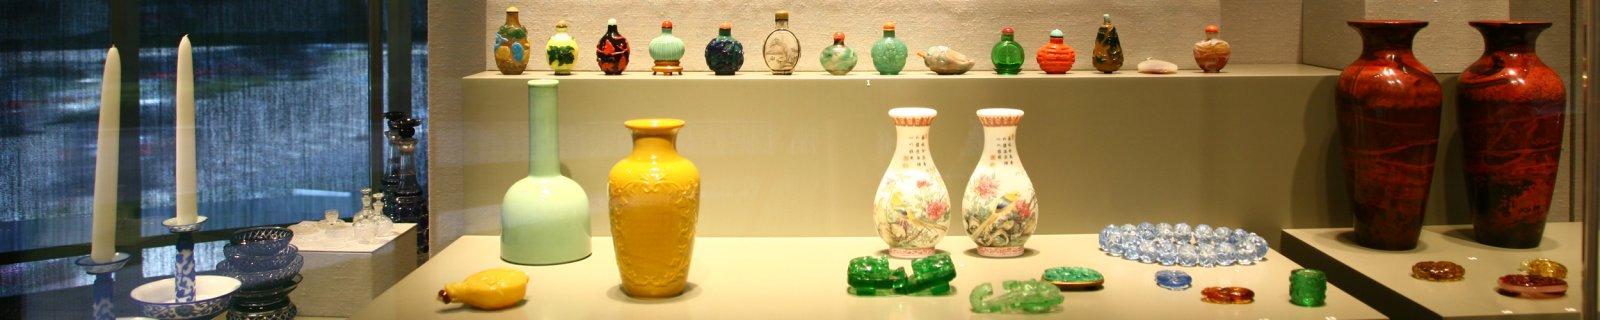 Asian Glass